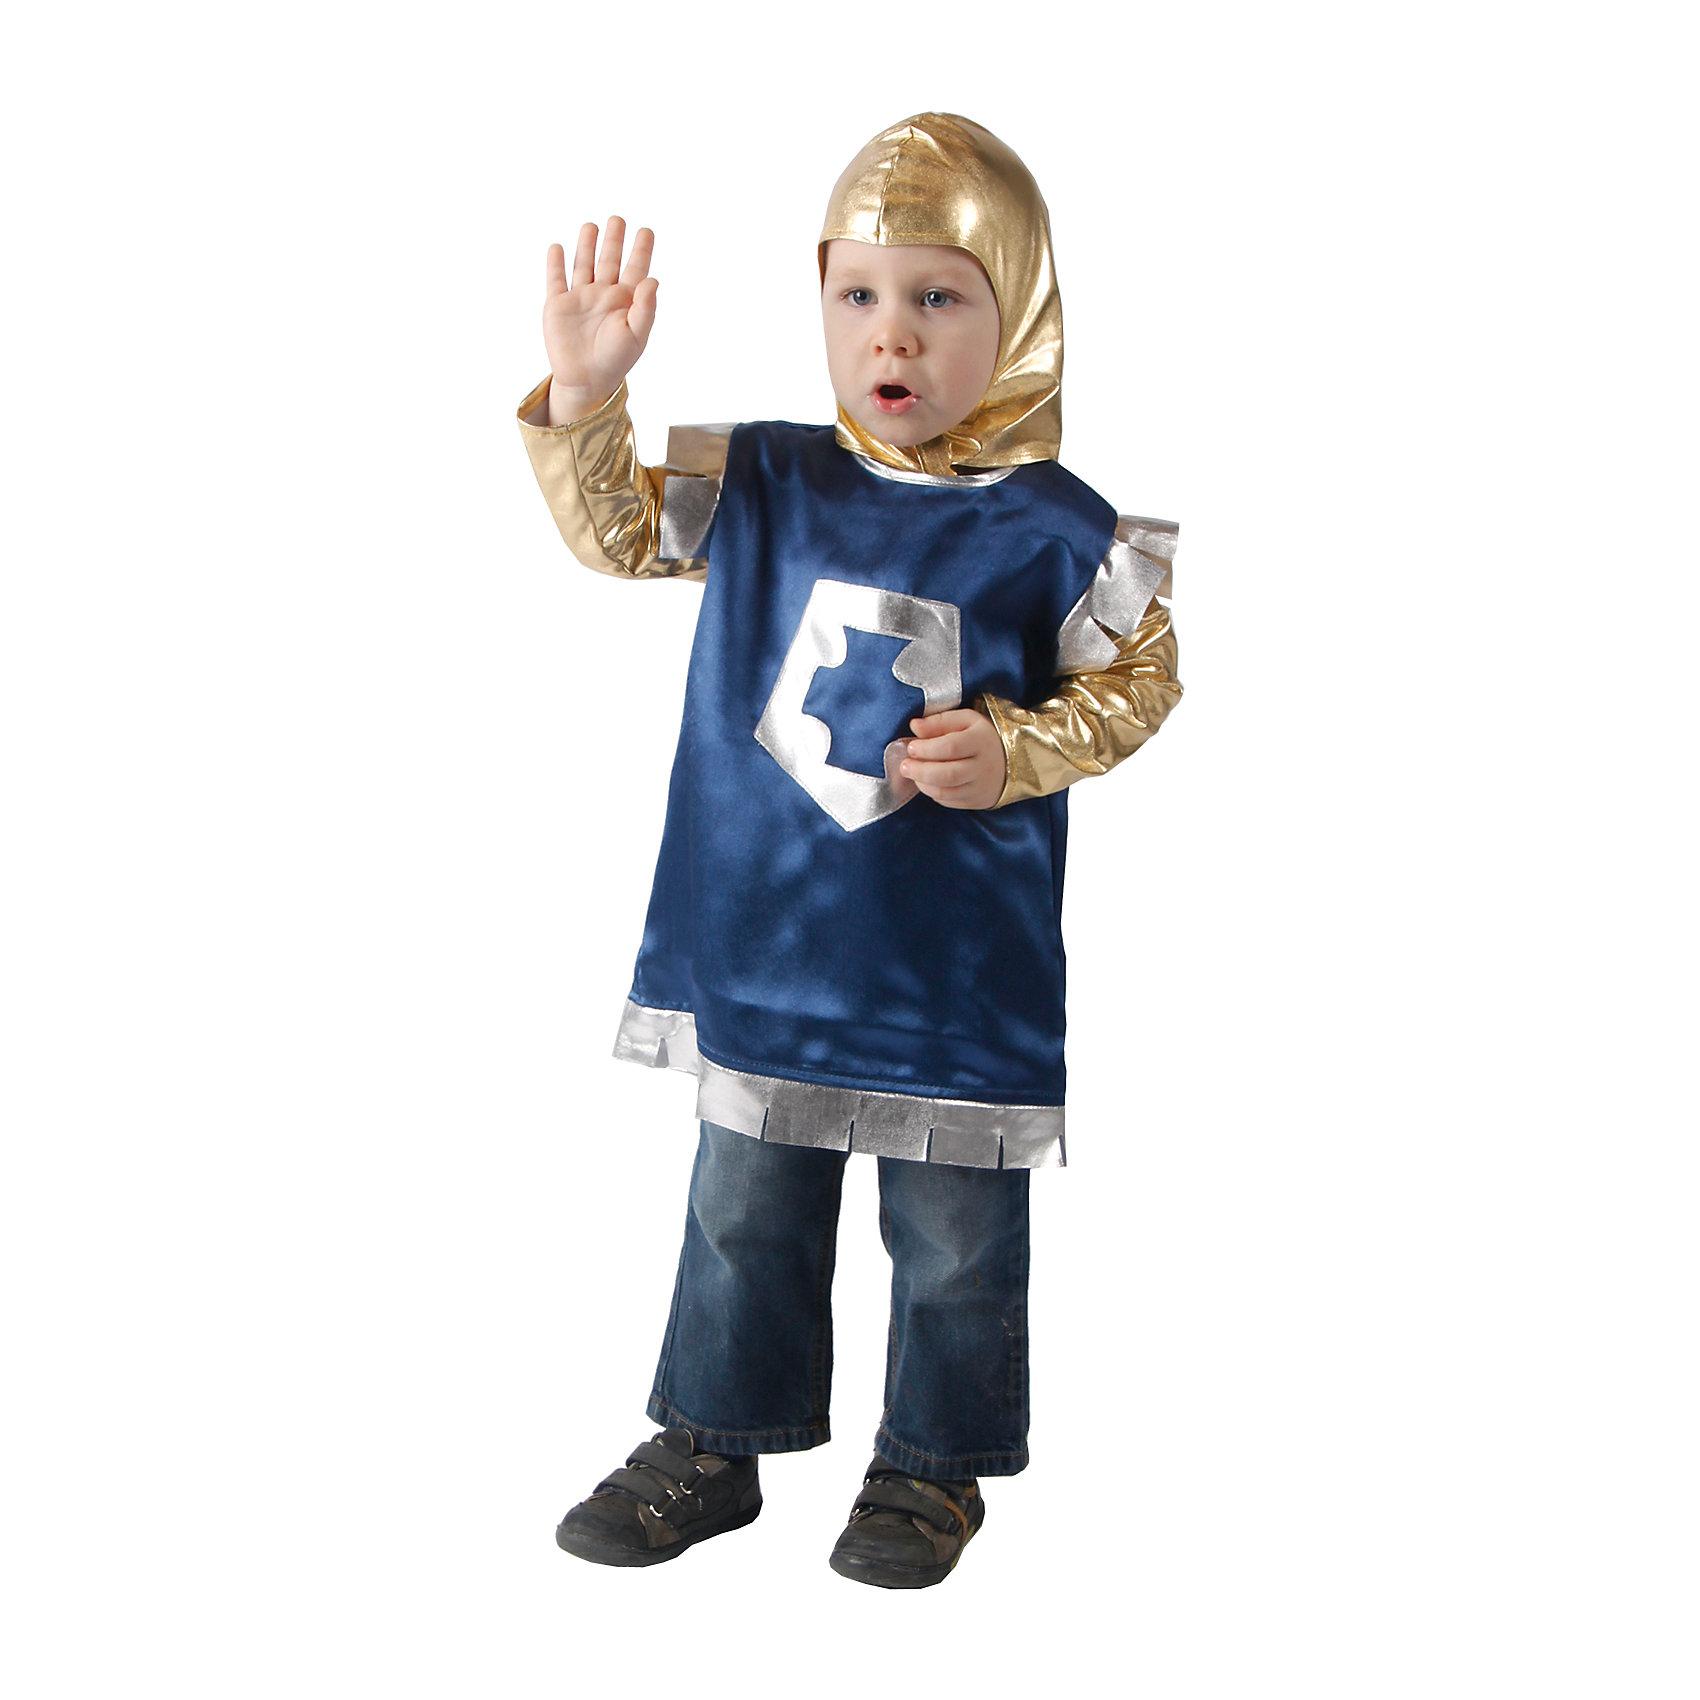 Карнавальный костюм для мальчика Рыцарь, ВестификаДетский карнавальный костюм Рыцарь выполнен частично из очень мягкого материала- стрейч-парчи. Именно поэтому его так любят мамы и малыши - шлем не сковывает движения. Рубашка украшена аппликацией из парчи. Допустимы отклонения по цвету ткани, макету аппликации.<br><br>Дополнительная информация:<br><br>Комплектация:<br>Рубашка из крепсатина<br>Шлем из стрейч-парчи<br>Ткани:<br>Крепсатин (100% полиэстер)<br>Стрейч-парча (95% полиэстер, 5% эластан)<br><br>Карнавальный костюм для мальчика Рыцарь, Вестифика можно купить в нашем магазине.<br><br>Ширина мм: 236<br>Глубина мм: 16<br>Высота мм: 184<br>Вес г: 150<br>Цвет: разноцветный<br>Возраст от месяцев: 36<br>Возраст до месяцев: 60<br>Пол: Мужской<br>Возраст: Детский<br>Размер: 98/110<br>SKU: 4389247